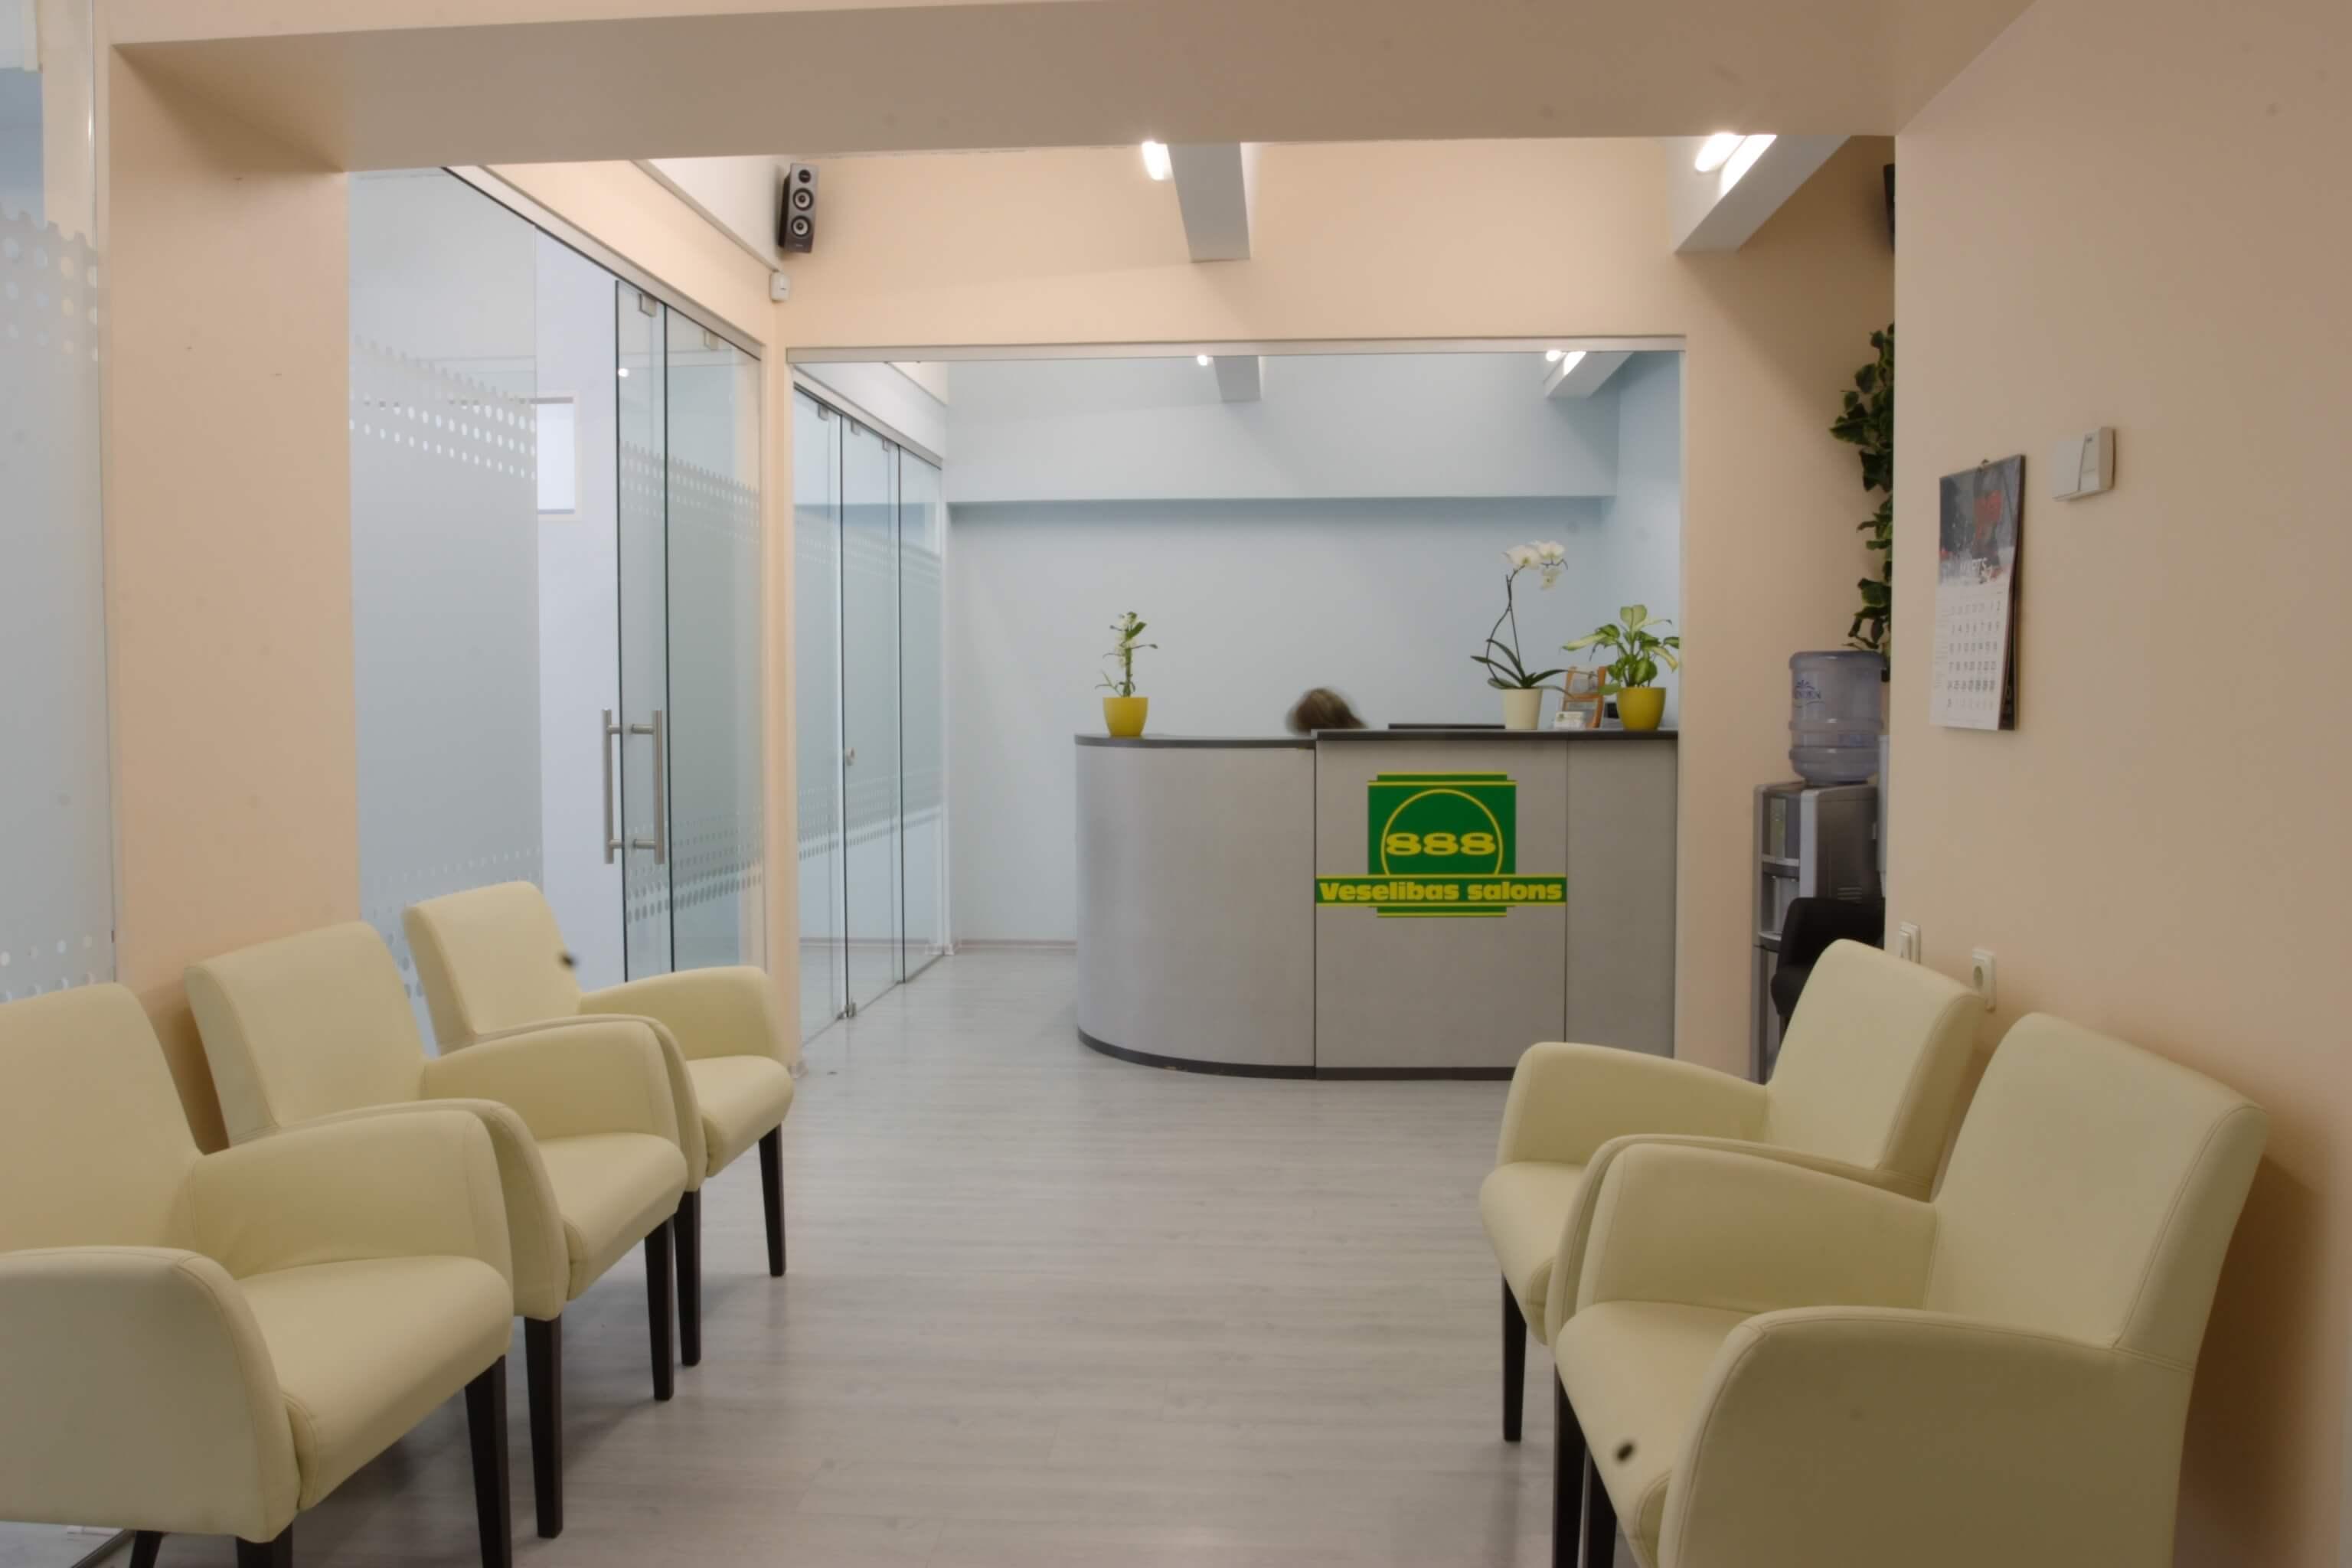 veselības-salons-888-1